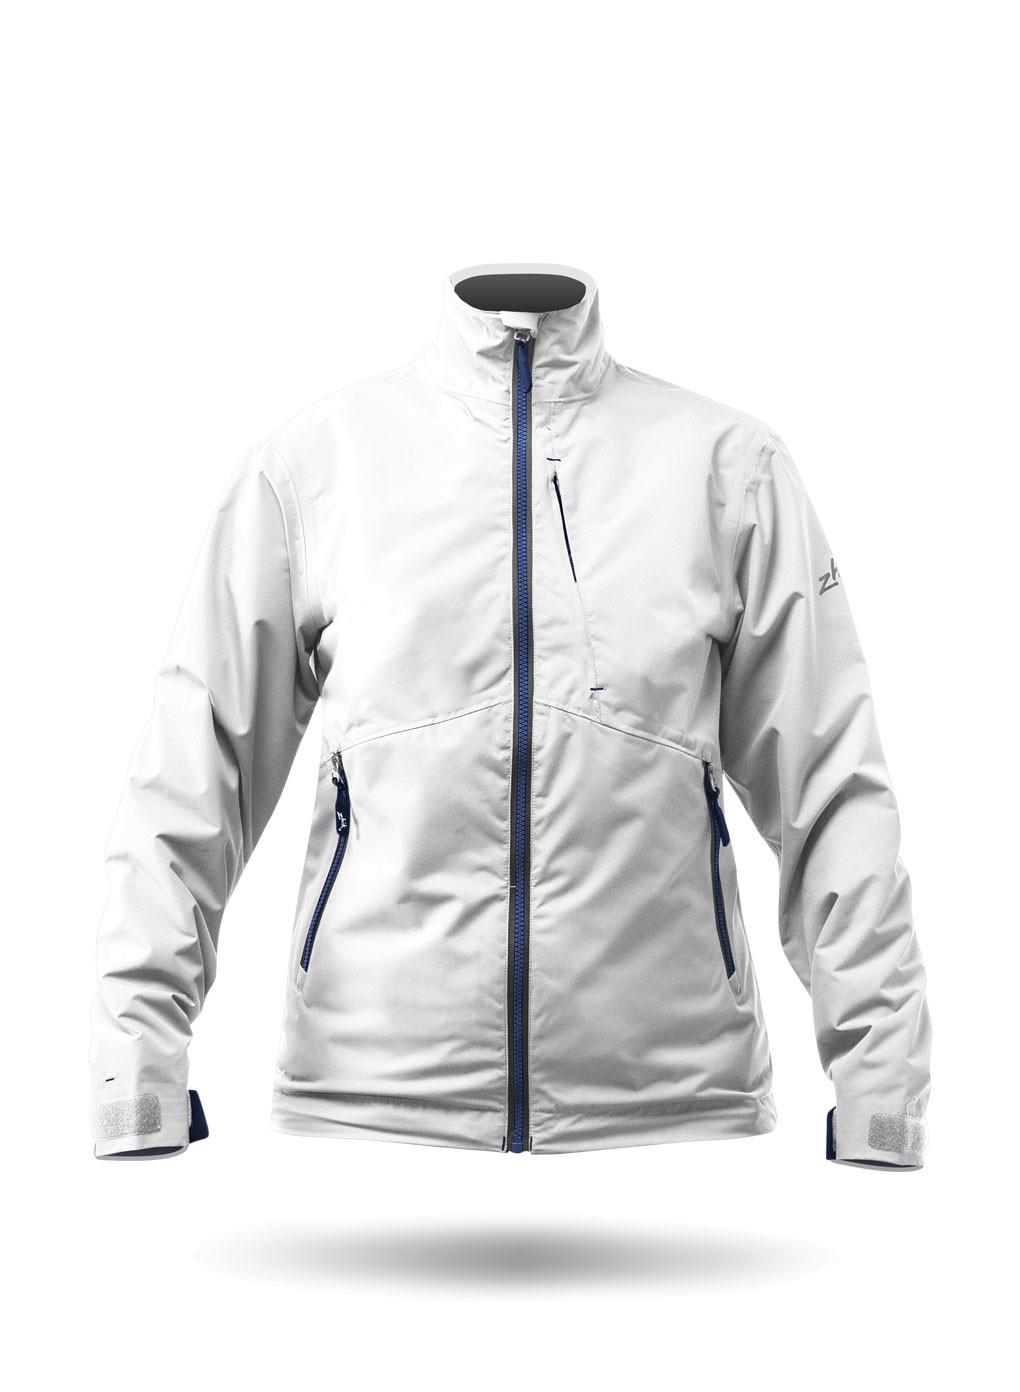 Z-Cru Jacket